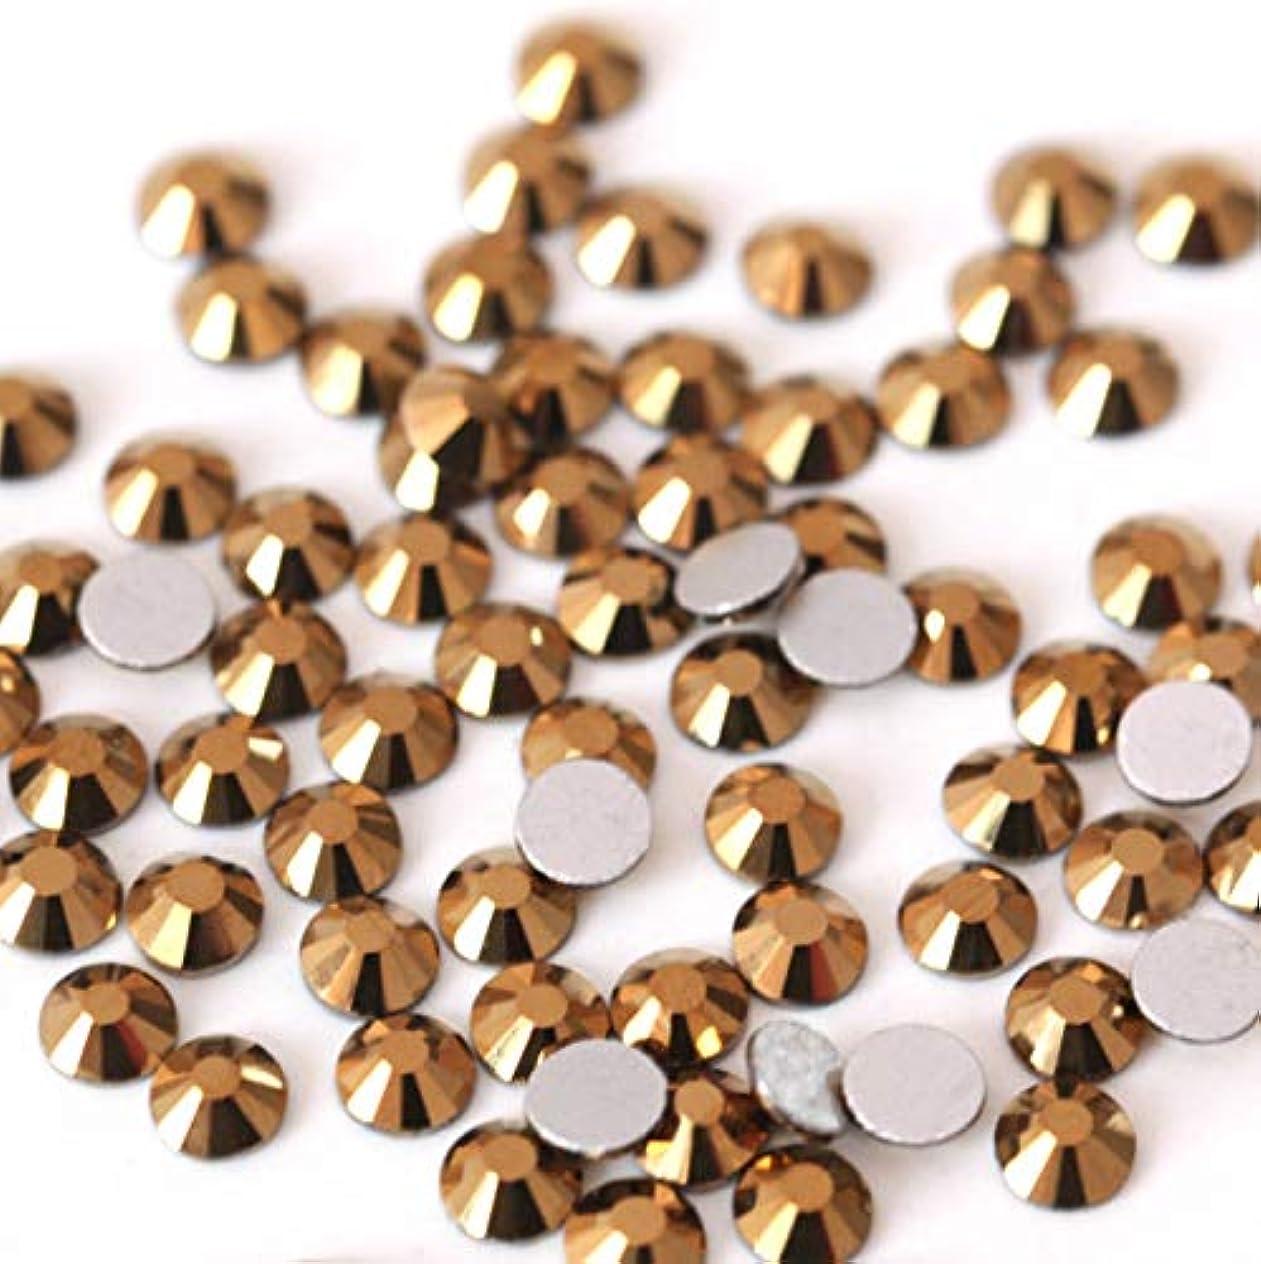 チケット電子仲間【ラインストーン77】 ガラス製ラインストーン ゴールドマイン 各サイズ選択可能 スワロフスキー同等 (SS16 約150粒)